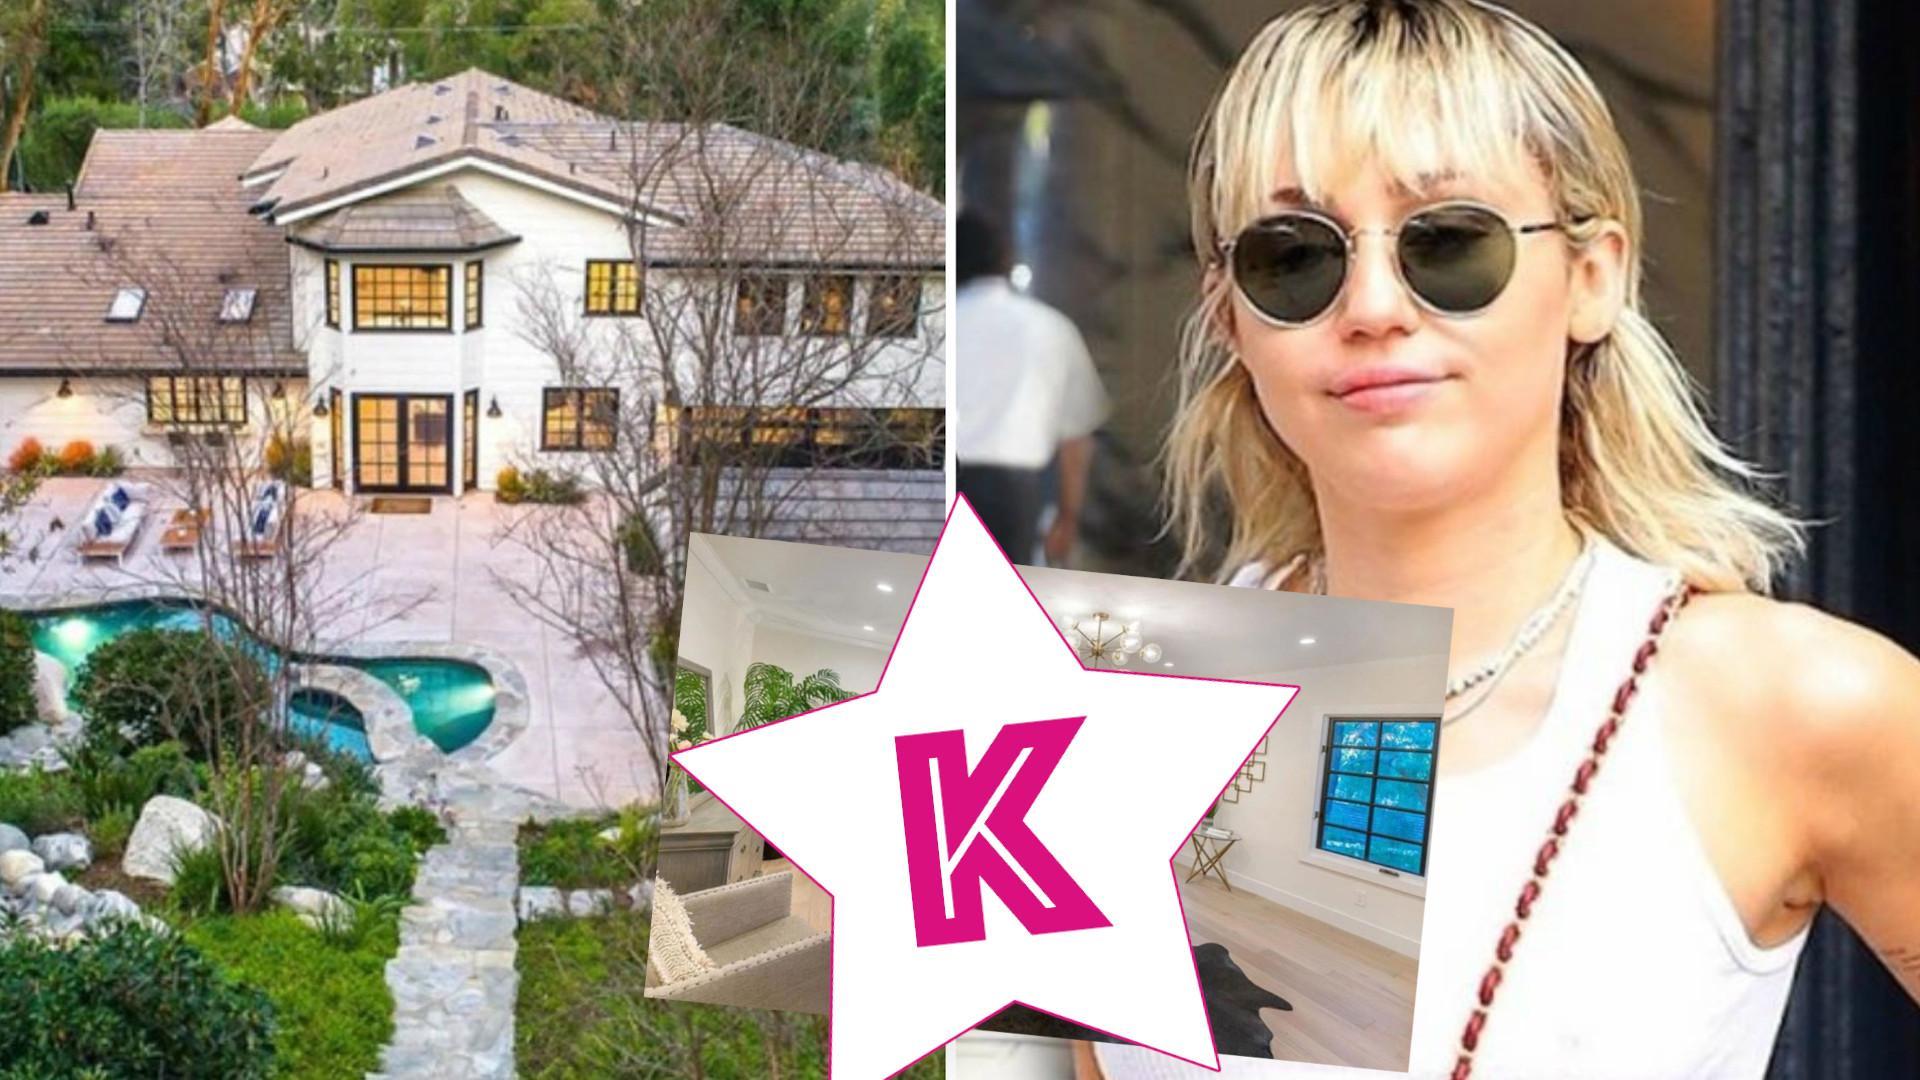 Miley Cyrus kupiła LUKSUSOWY dom za blisko 5 milionów dolarów. Garderoba robi wrażenie